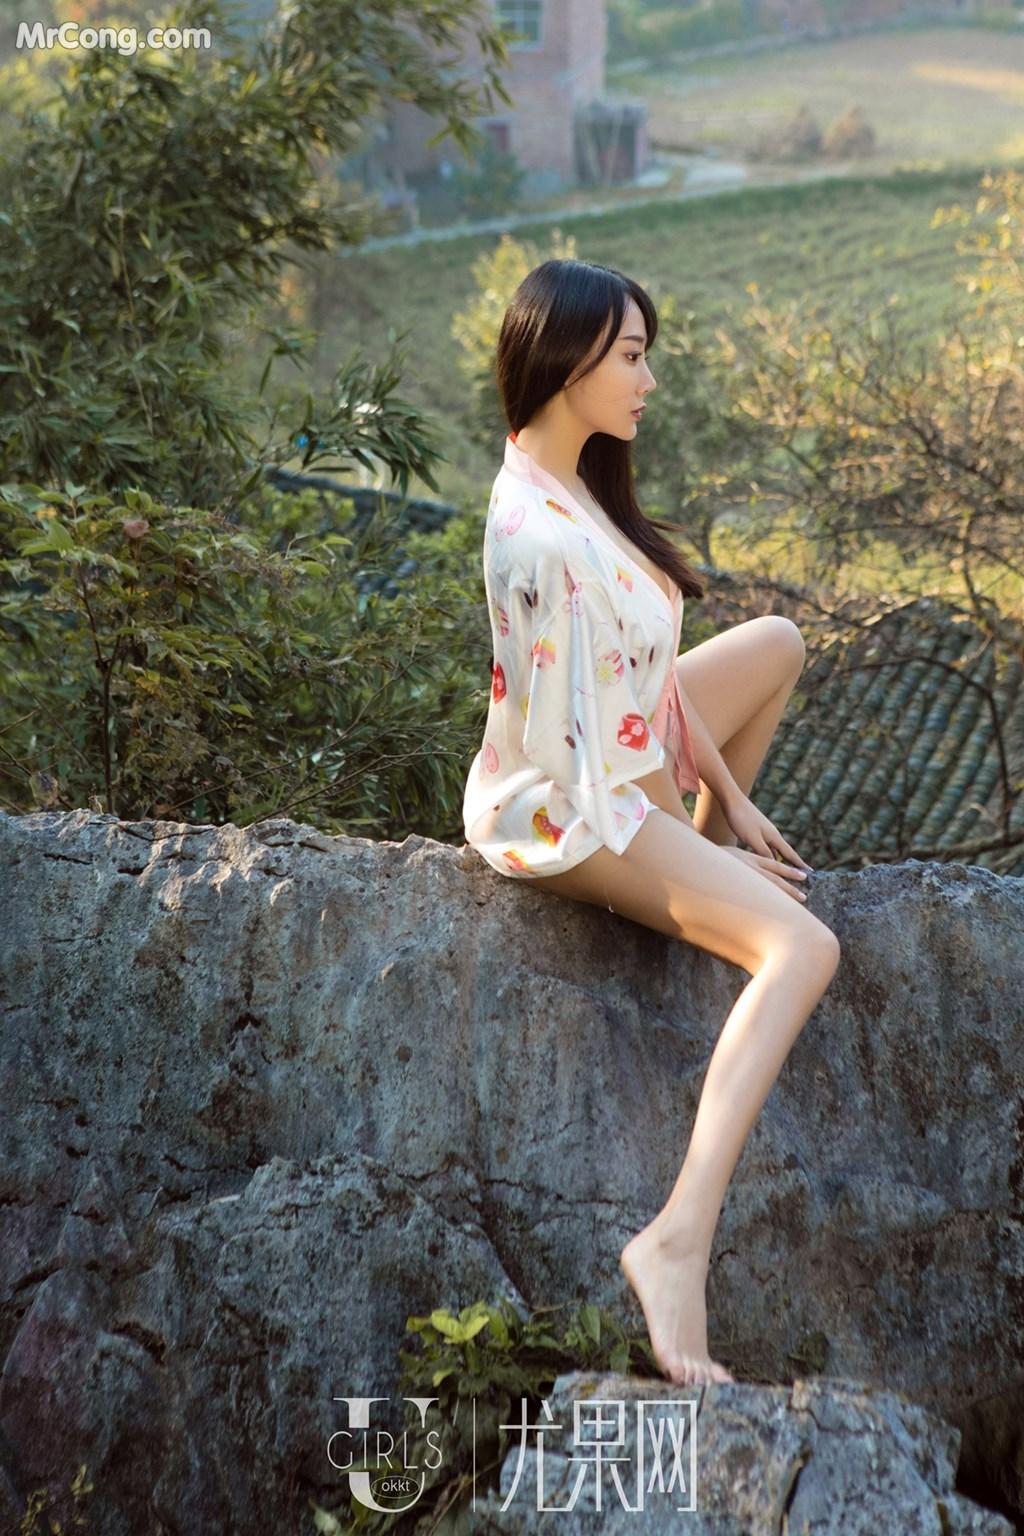 Image UGIRLS-U318-He-Jia-Ying-MrCong.com-007 in post UGIRLS U318: Người mẫu He Jia Ying (何嘉颖) (66 ảnh)